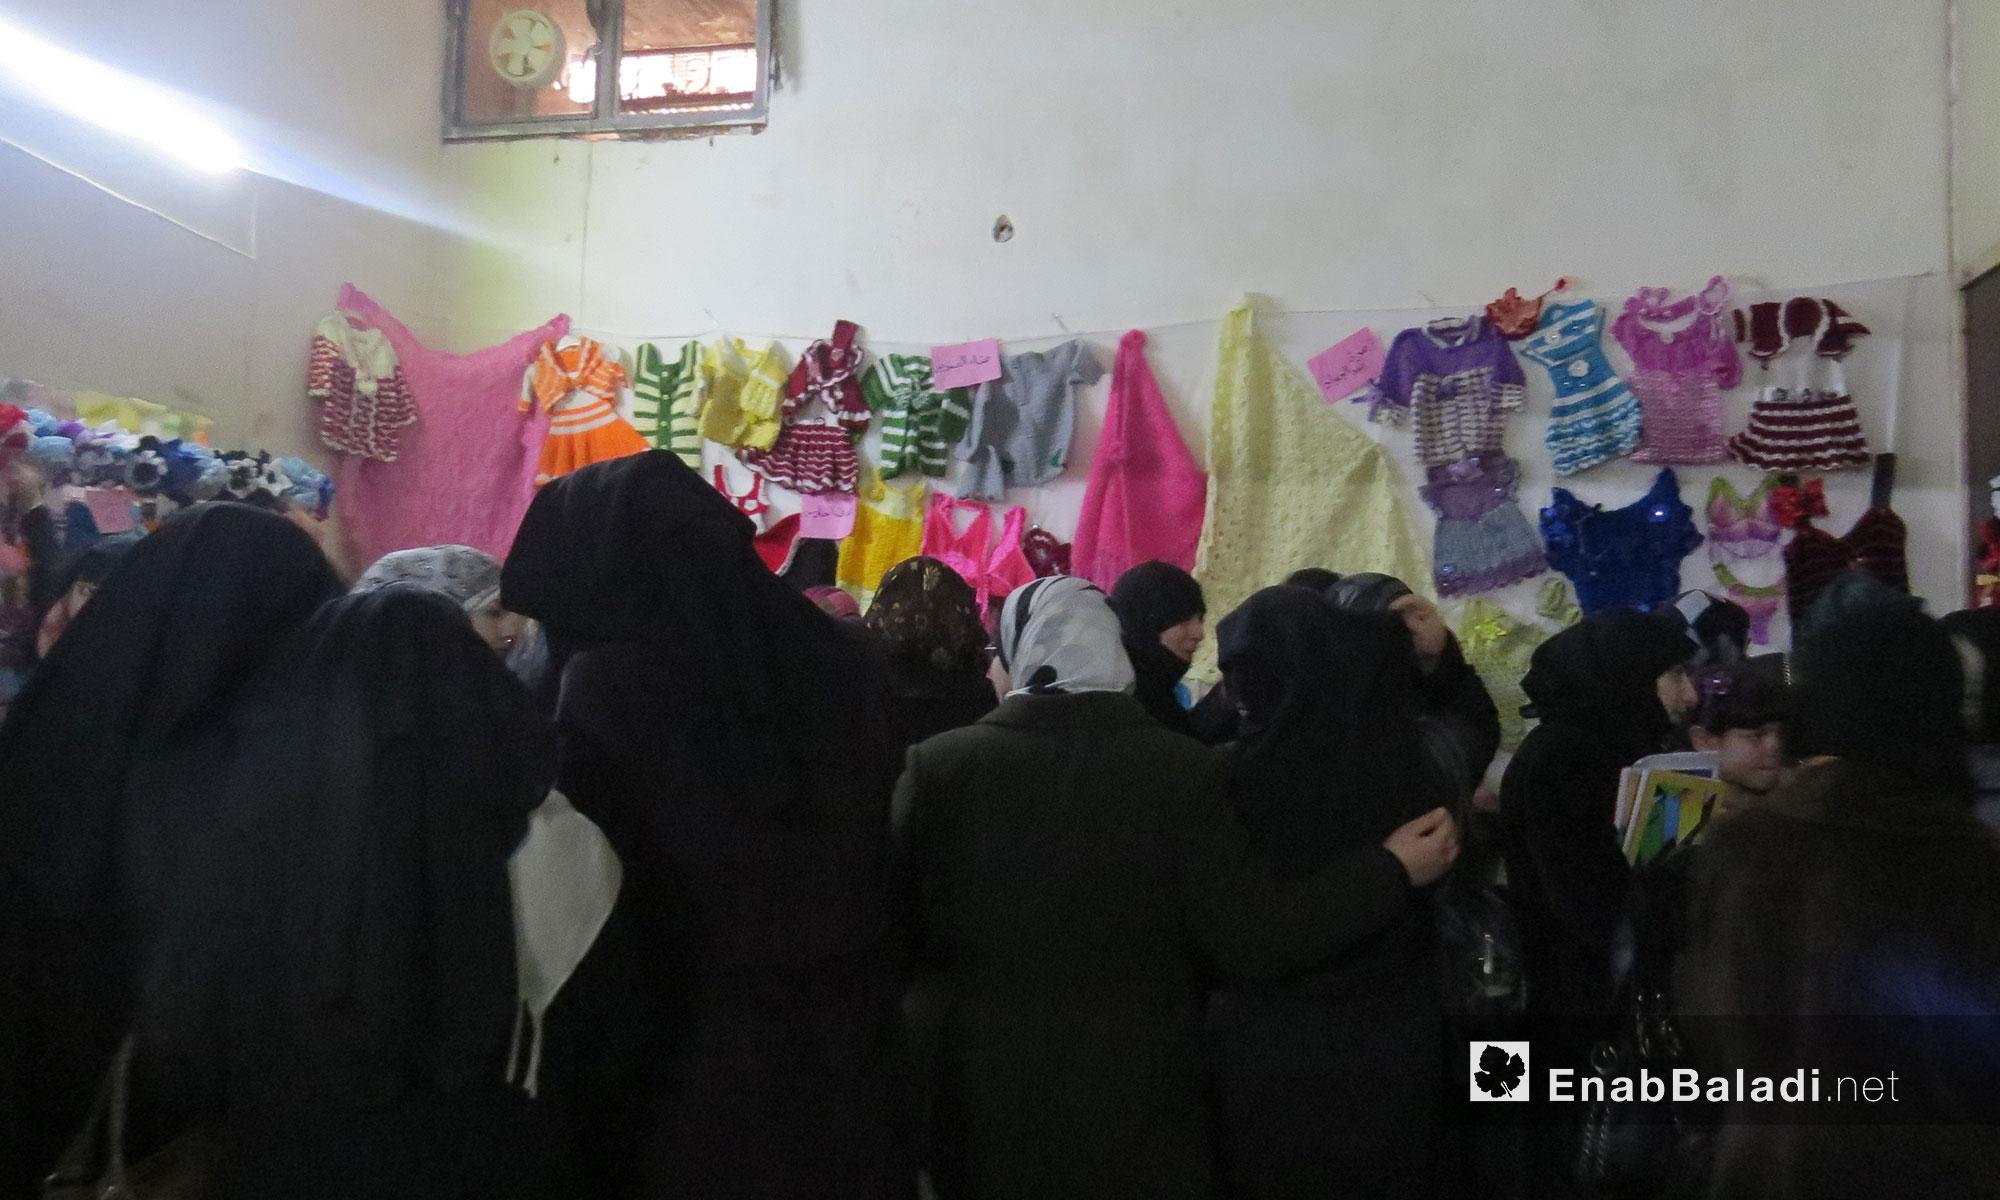 """معرض لأعمال الصوف والرسم  لمركز """"النساء الآن"""" في معرة النعمان - 12 شباط 2017 (عنب بلدي)"""